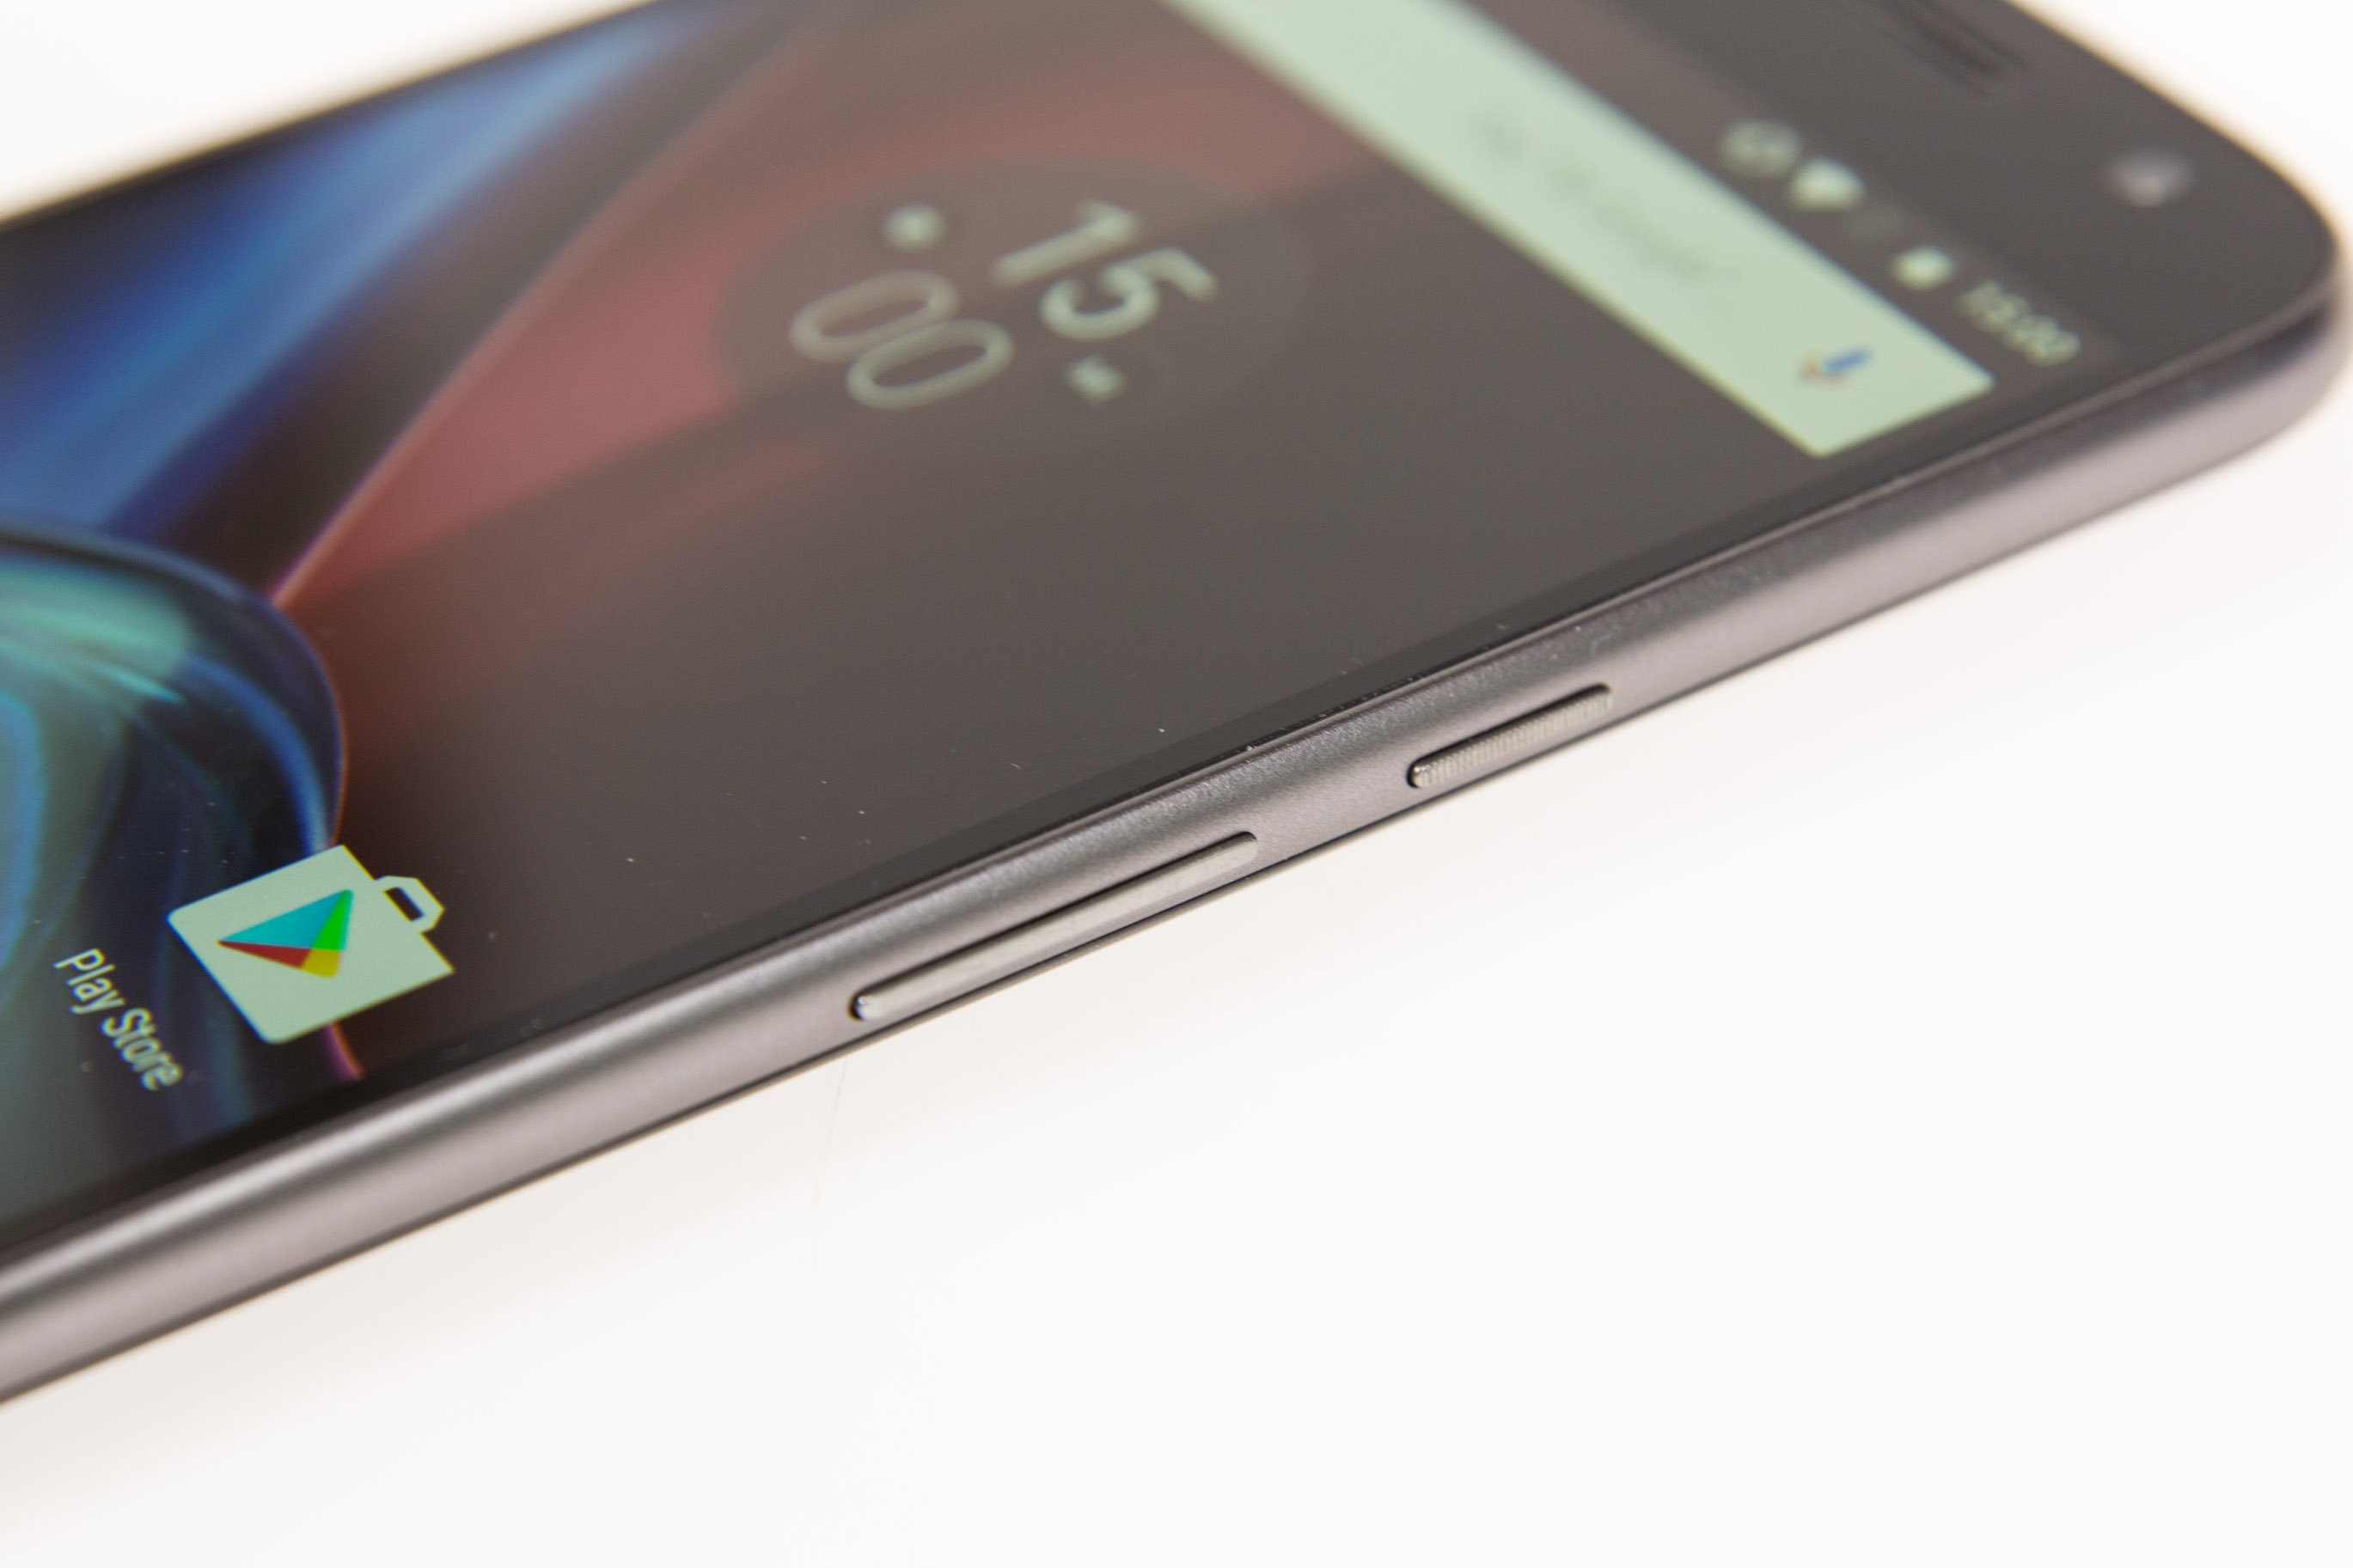 Moto G4 Plus im Hands on: Lenovos sonderbare Entscheidung - Alle Tasten sind an der Seite. (Bild: Martin Wolf/Golem.de)